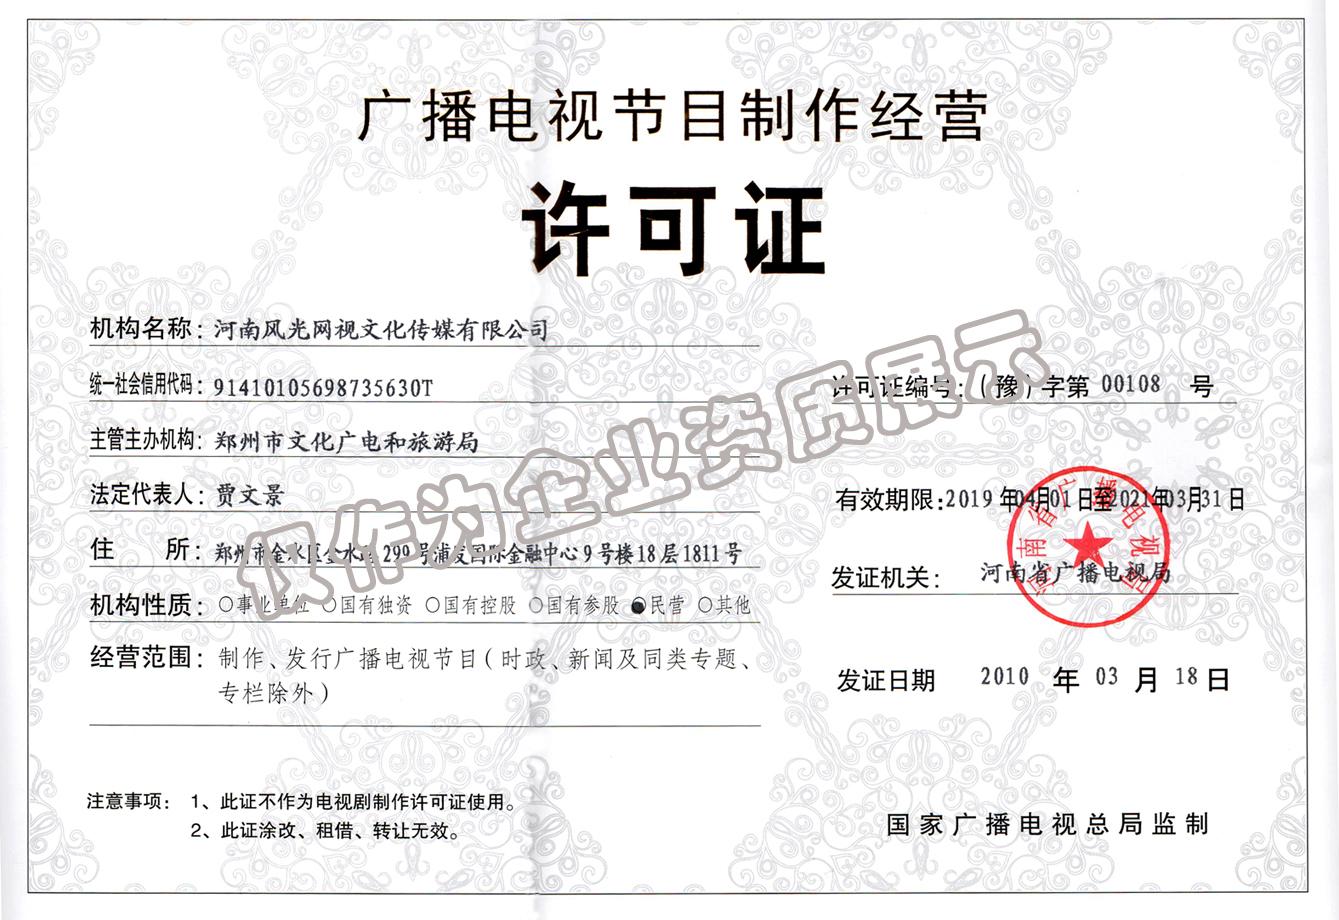 风光网视 - 制作许可证2